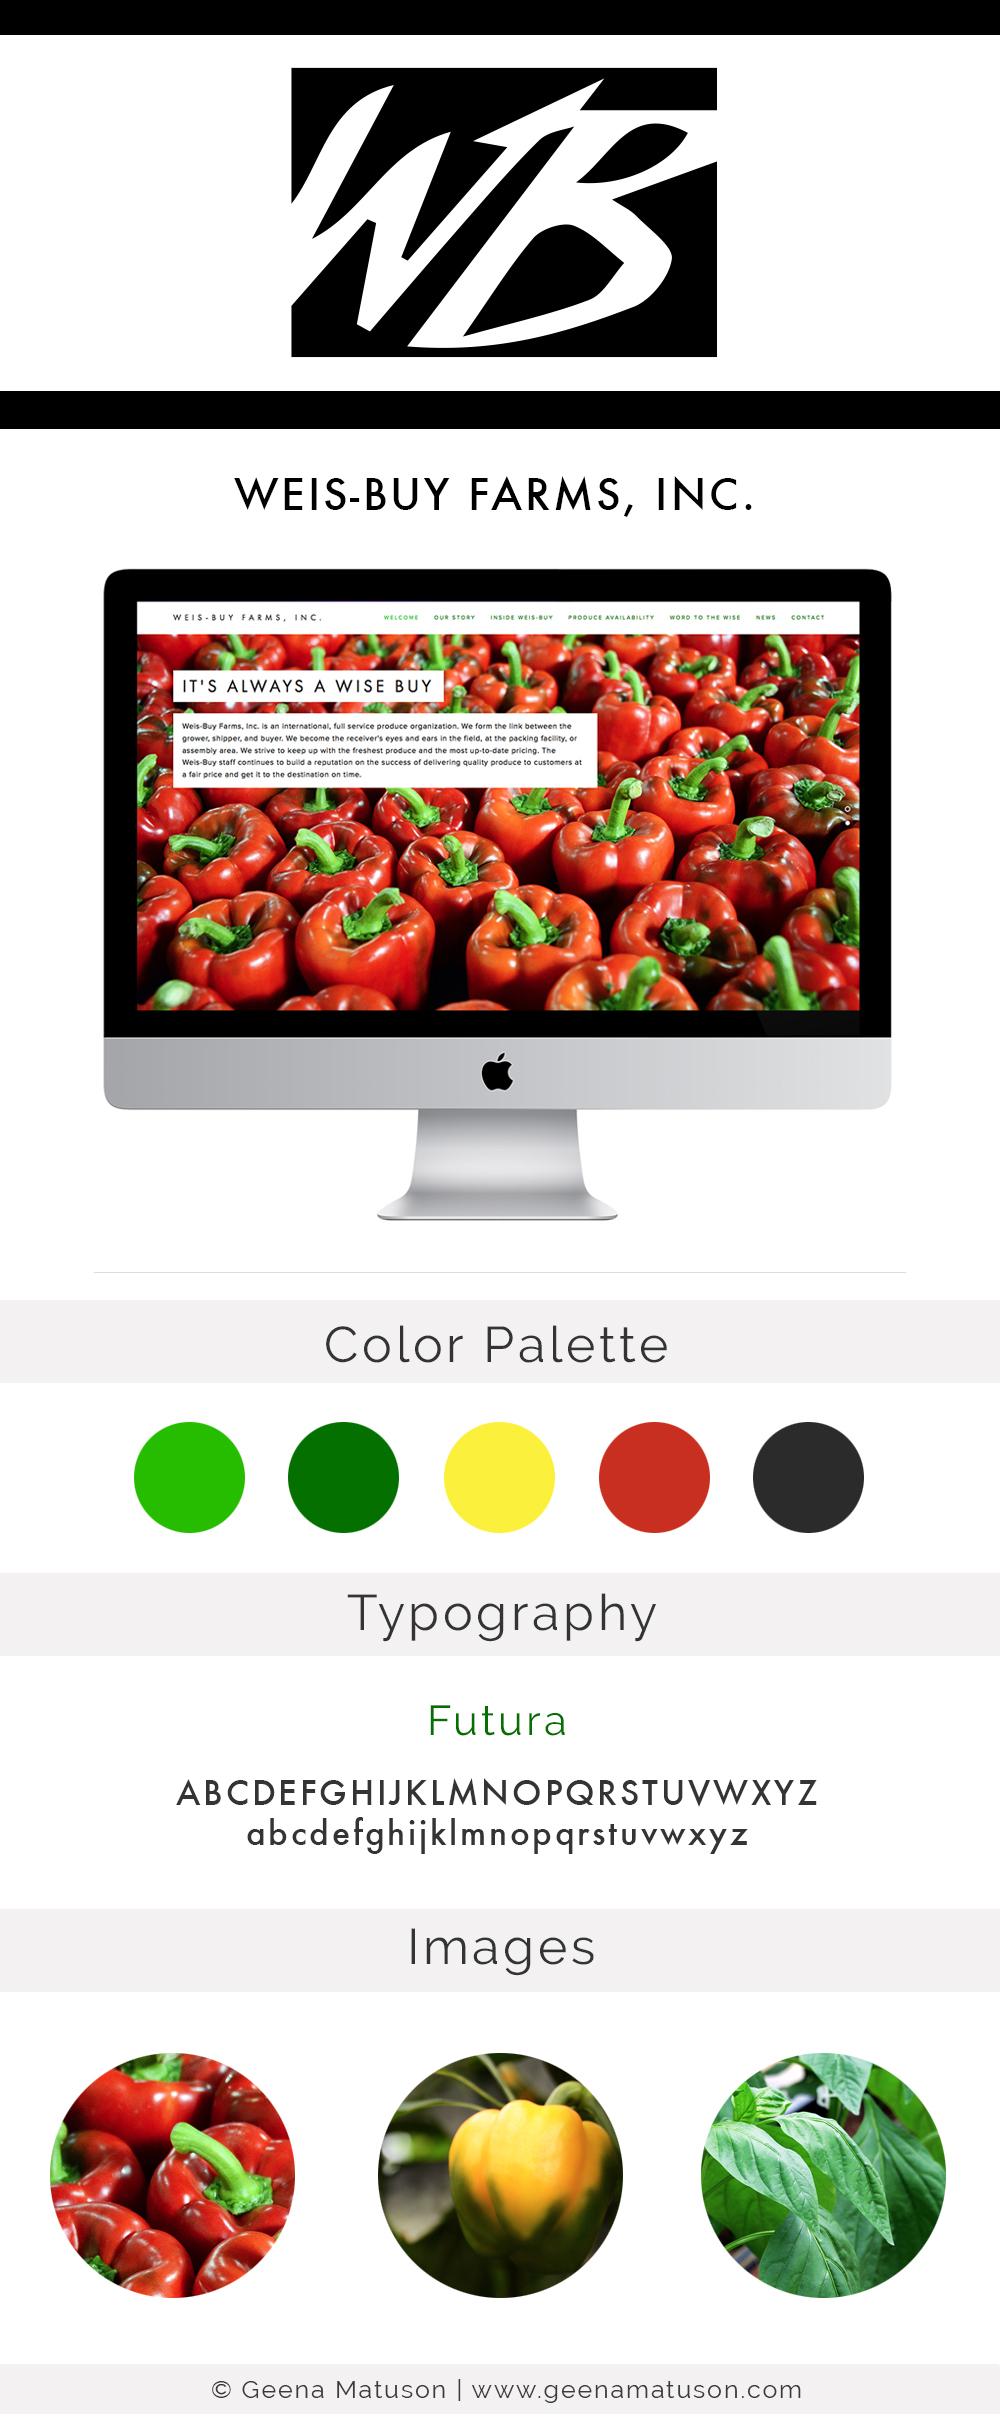 GeenaMatuson_Design_Elements_WeisBuyFarmsInc.jpg